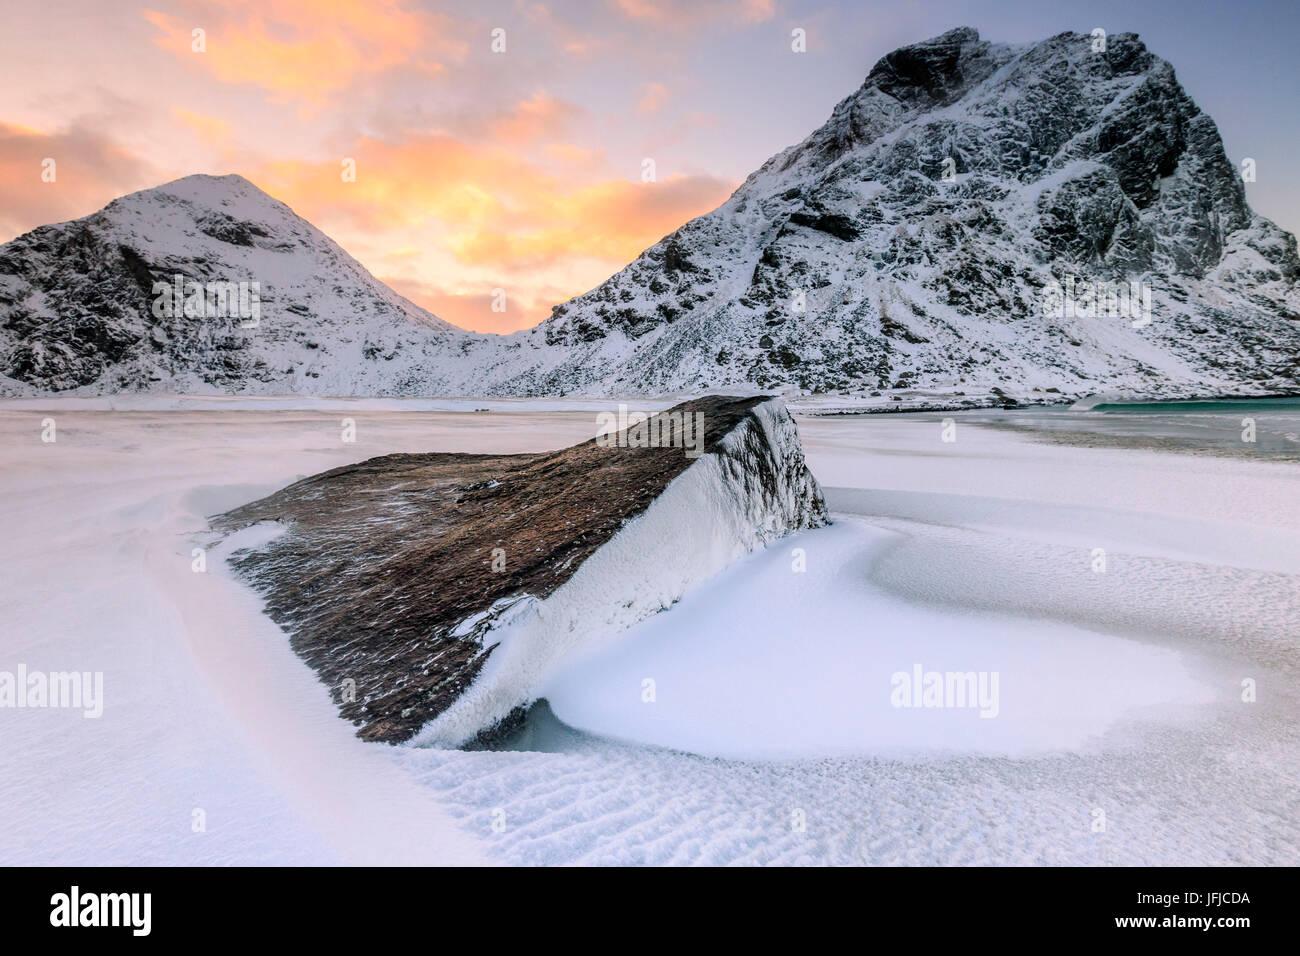 Amanecer ilumina las rocas modeladas por el viento rodeado de nieve fresca, Uttakleiv Islas Lofoten Noruega Europa Imagen De Stock